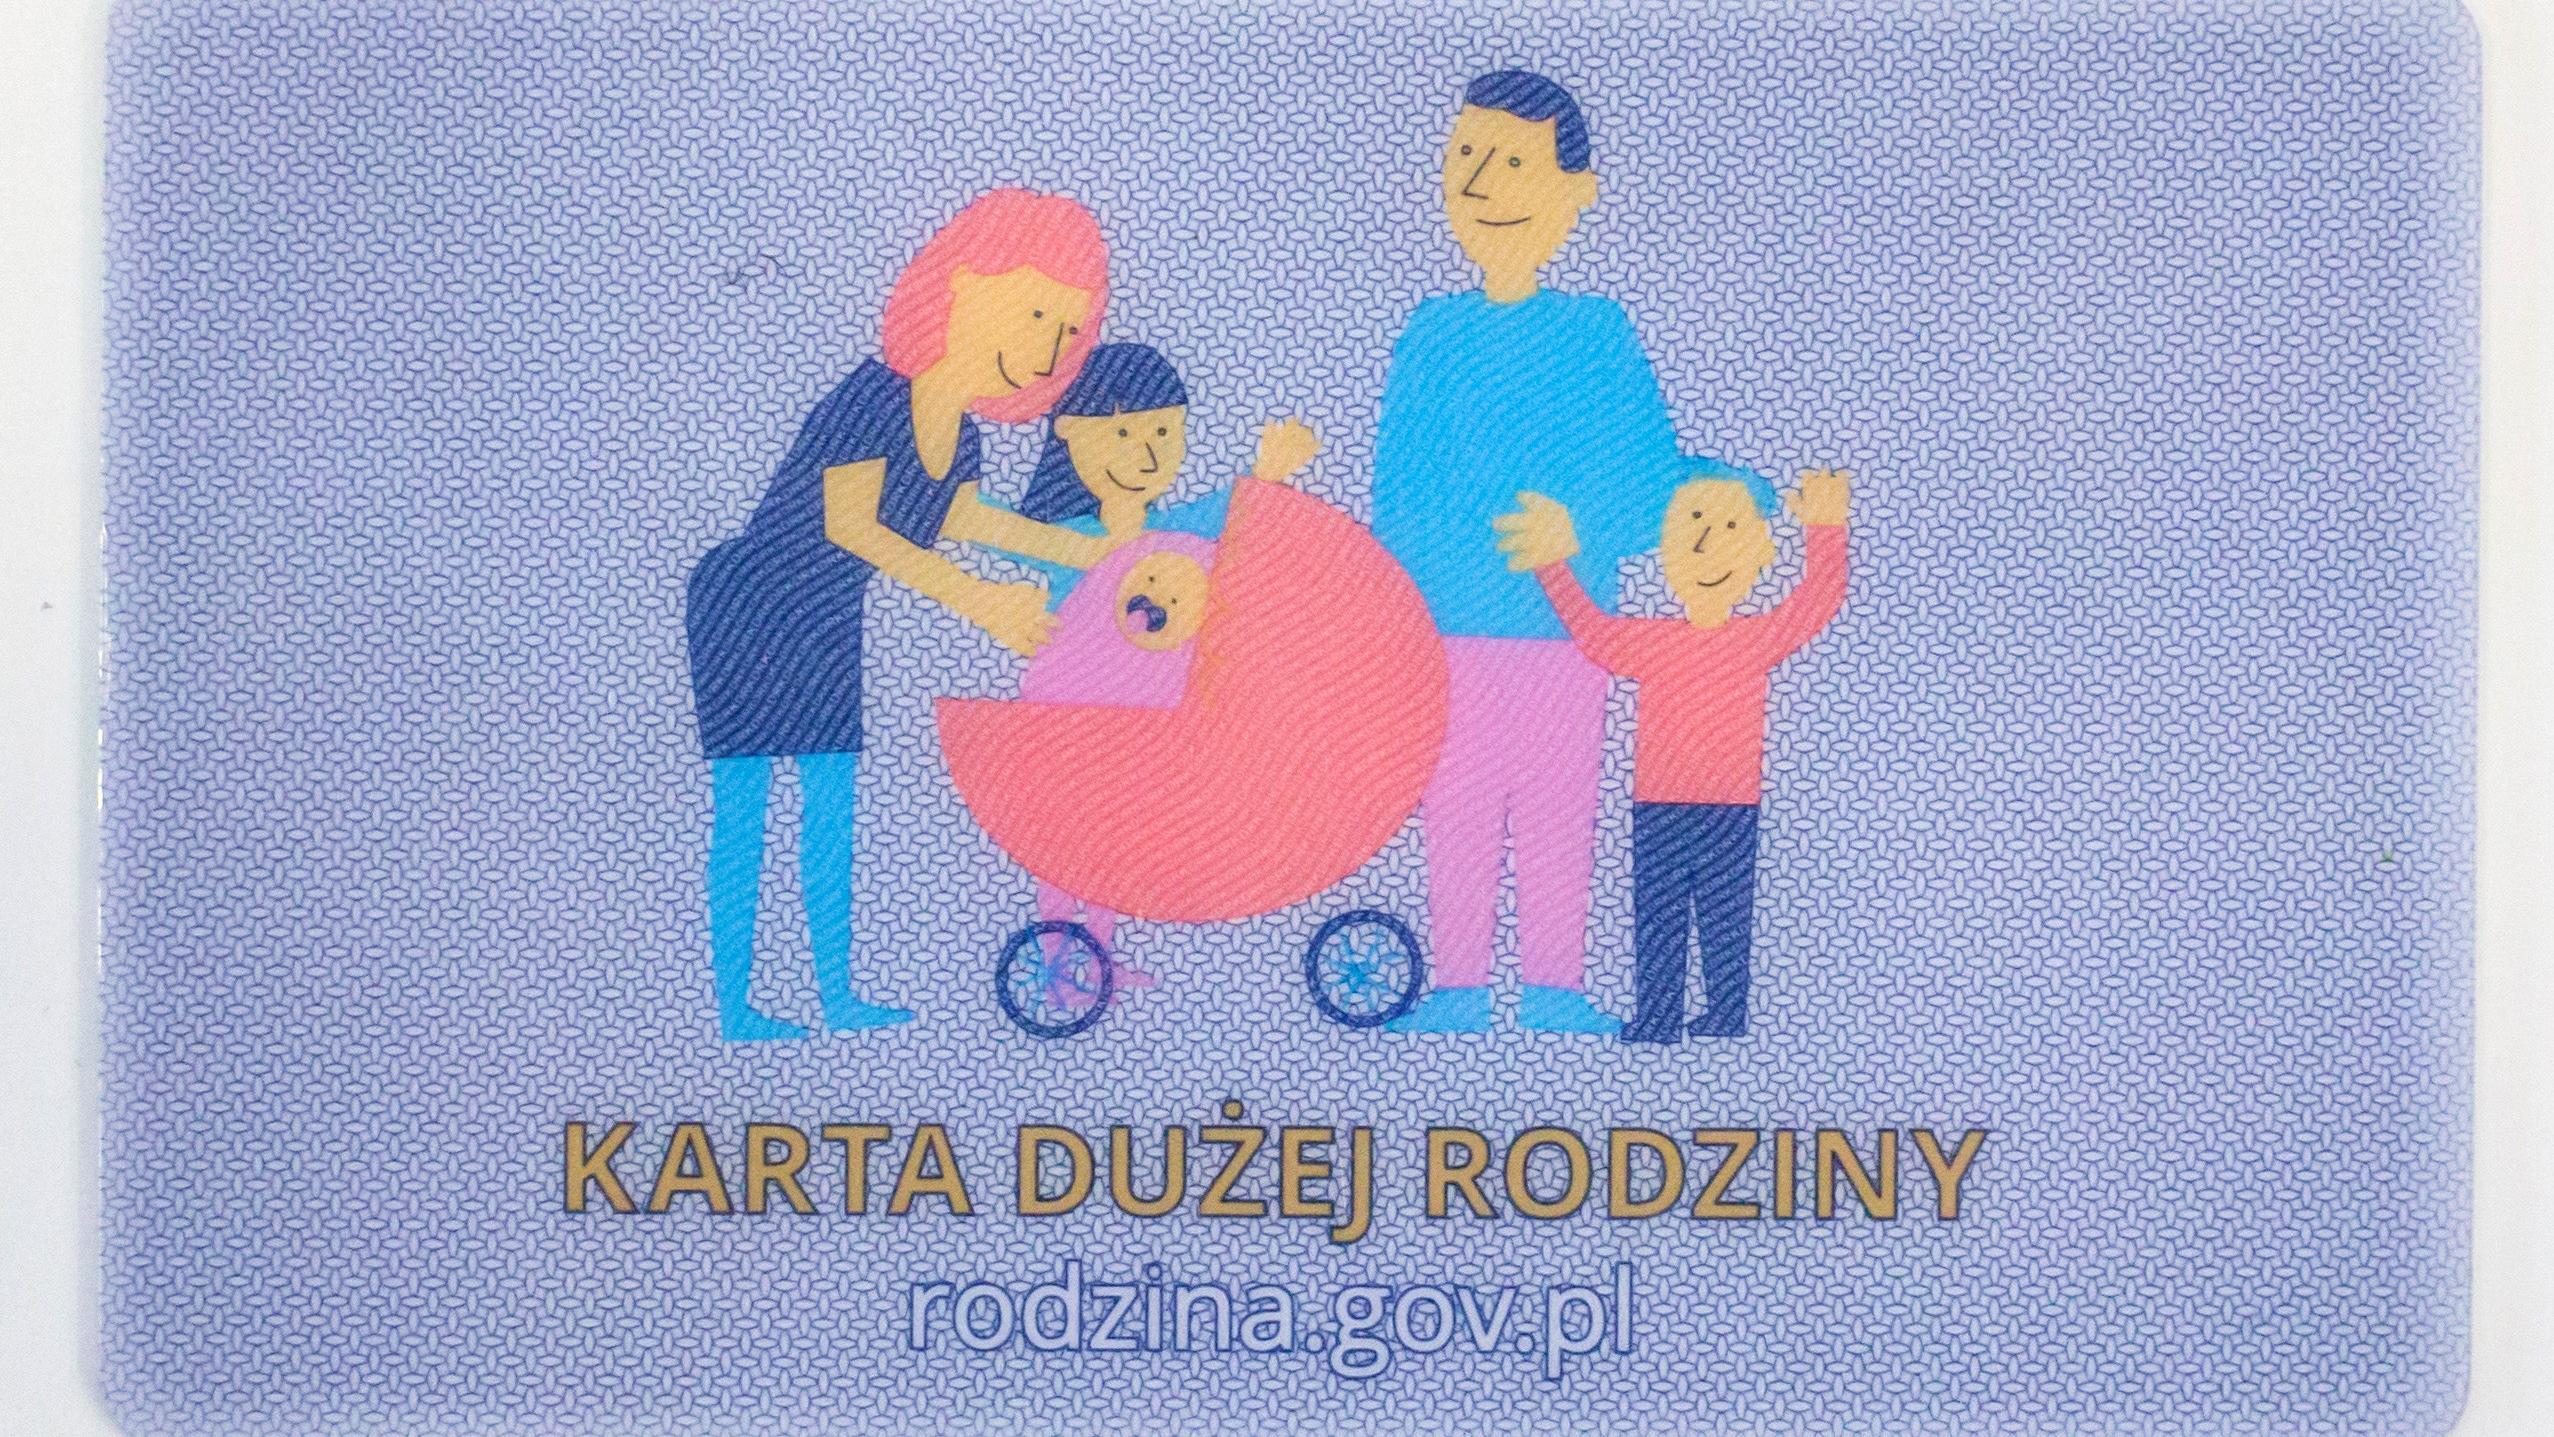 Karta Duzej Rodziny W Elektronicznej Wersji